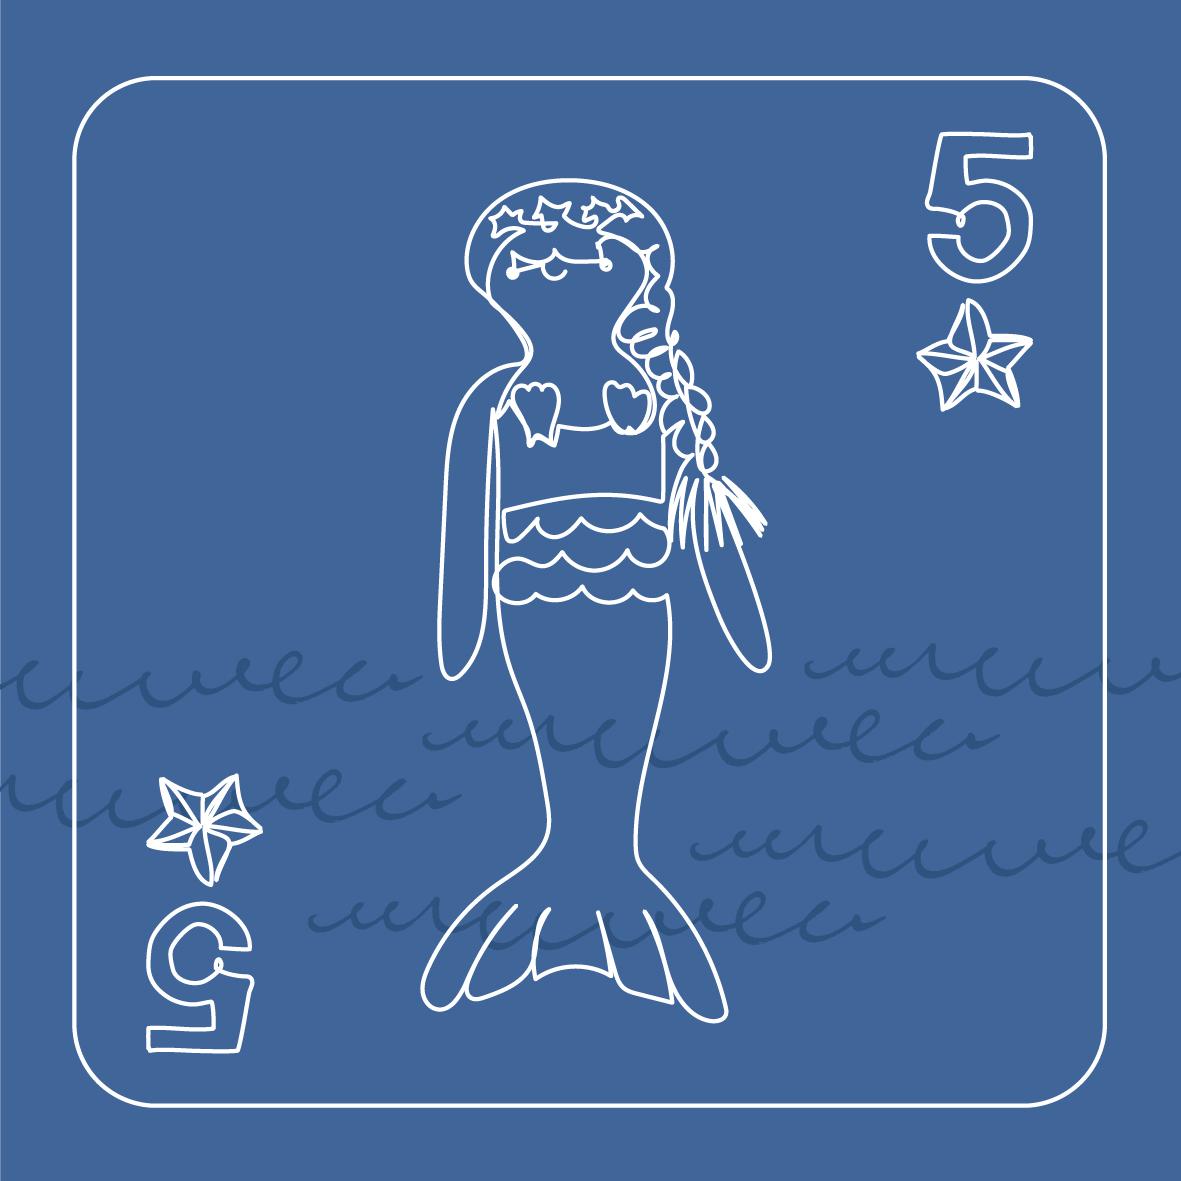 5 mermaids swimming